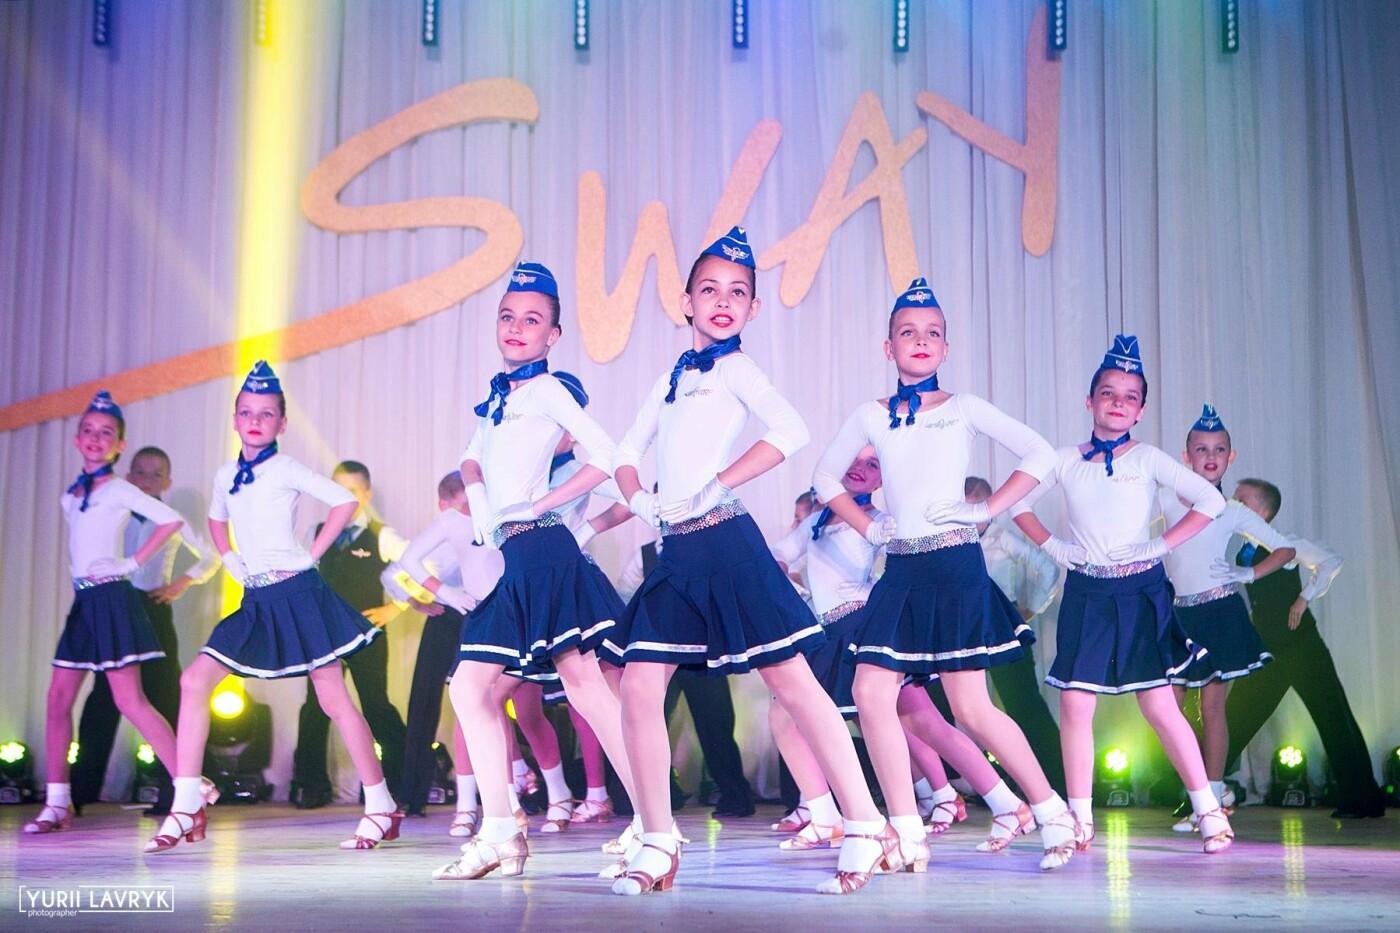 Хореографический коллектив Сумского НАУ отпраздновал свой День рождения грандиозным концертом, фото-3